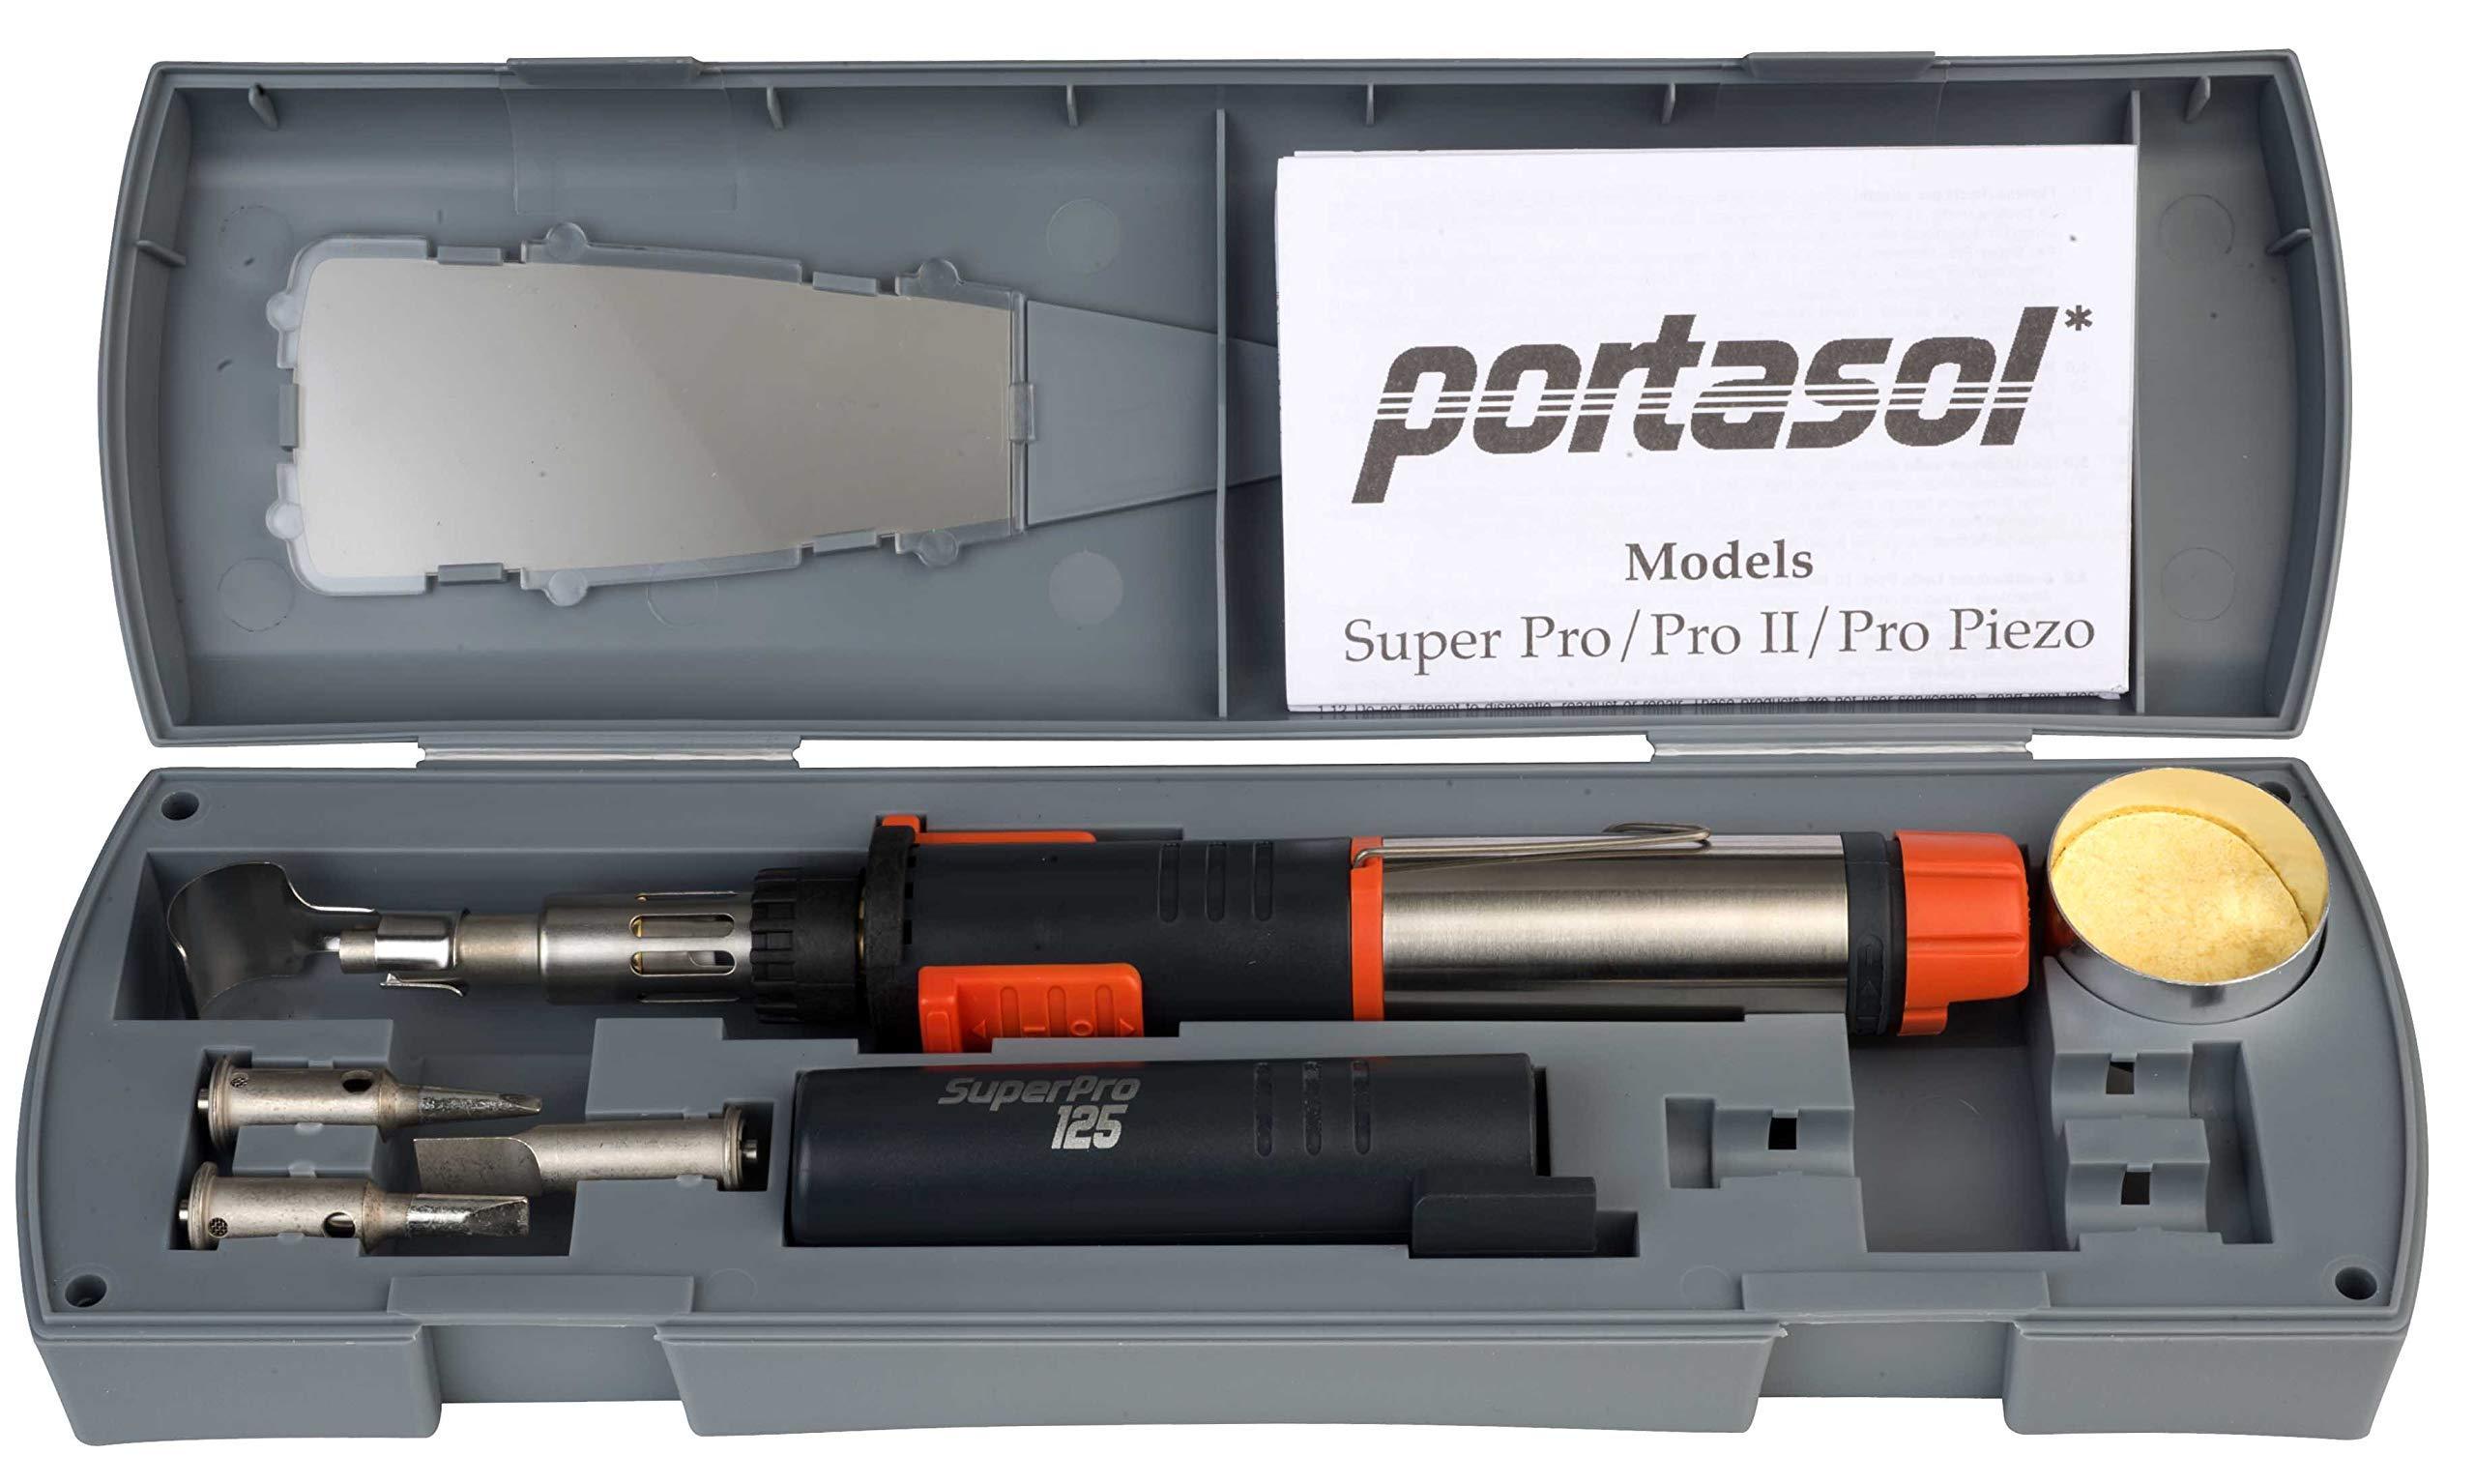 Portasol 010589330 Super Pro 125-Watt Heat Tool Kit with 7 Tips